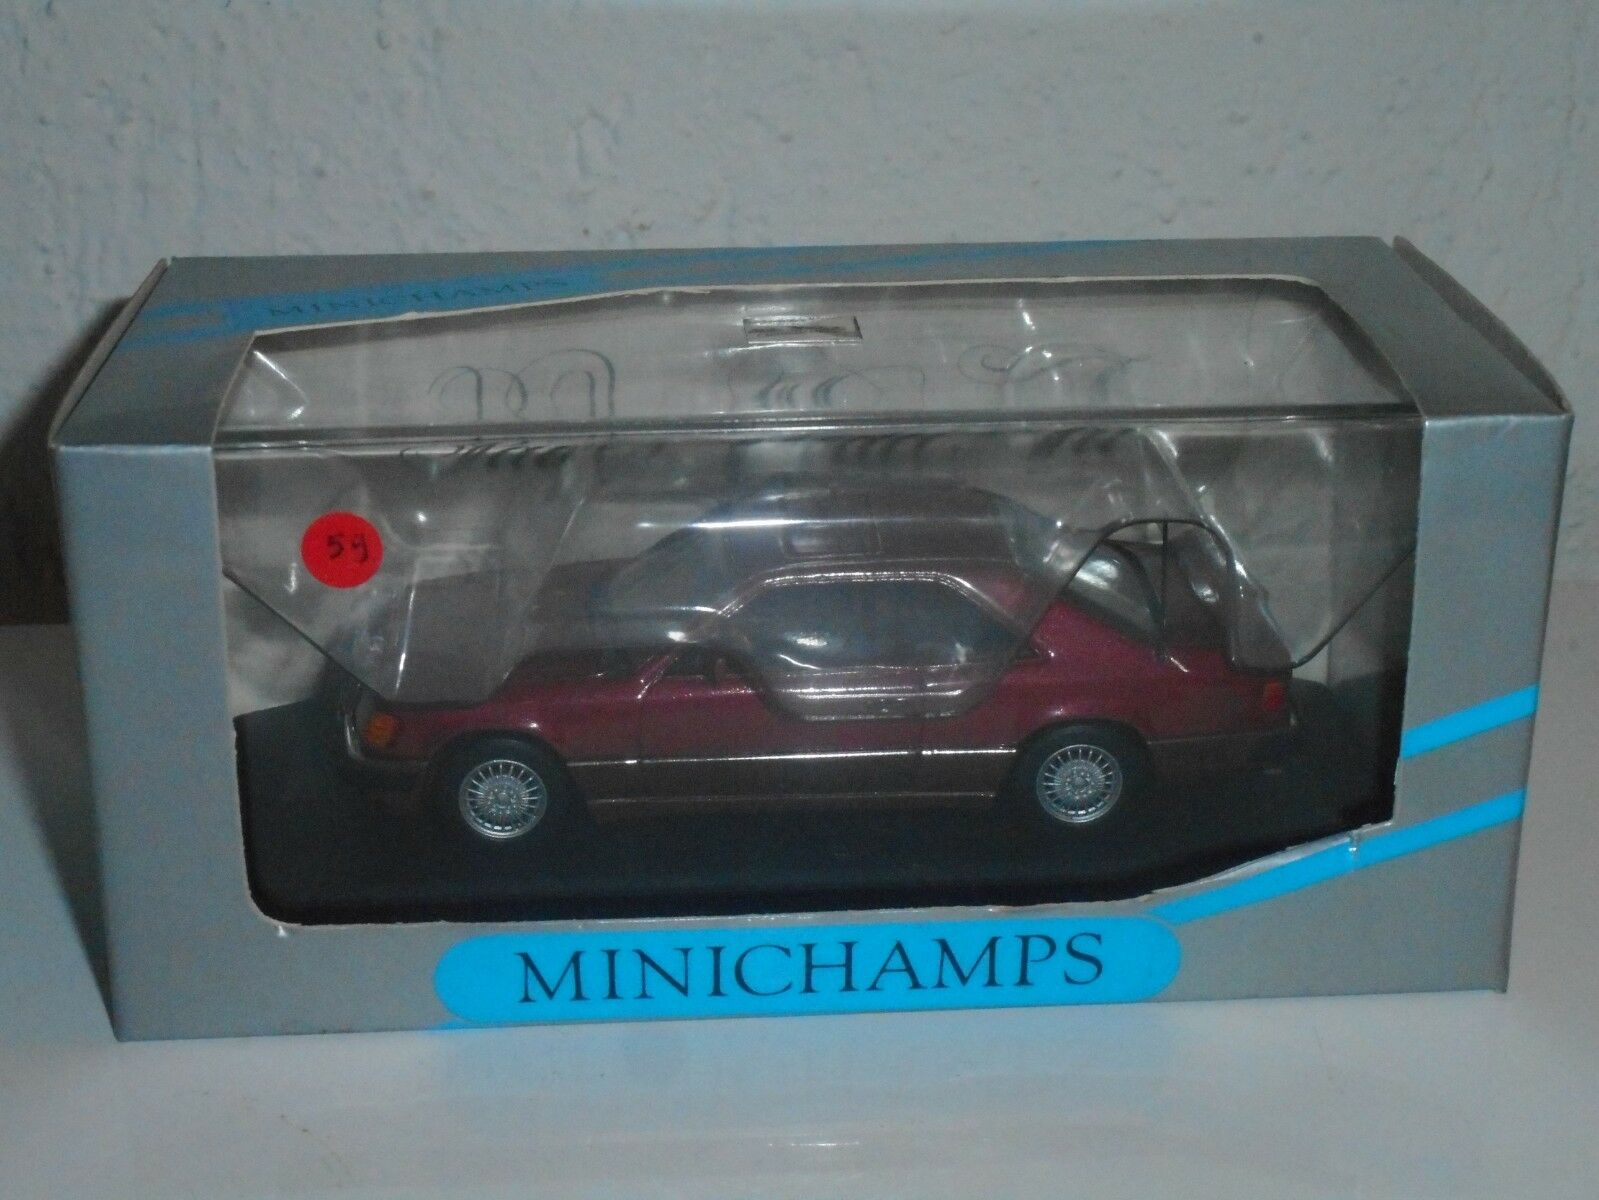 MINICHAMPS  1 43 vintage MERCEDES 300 CE coupé N°59 de 100 mis en vente